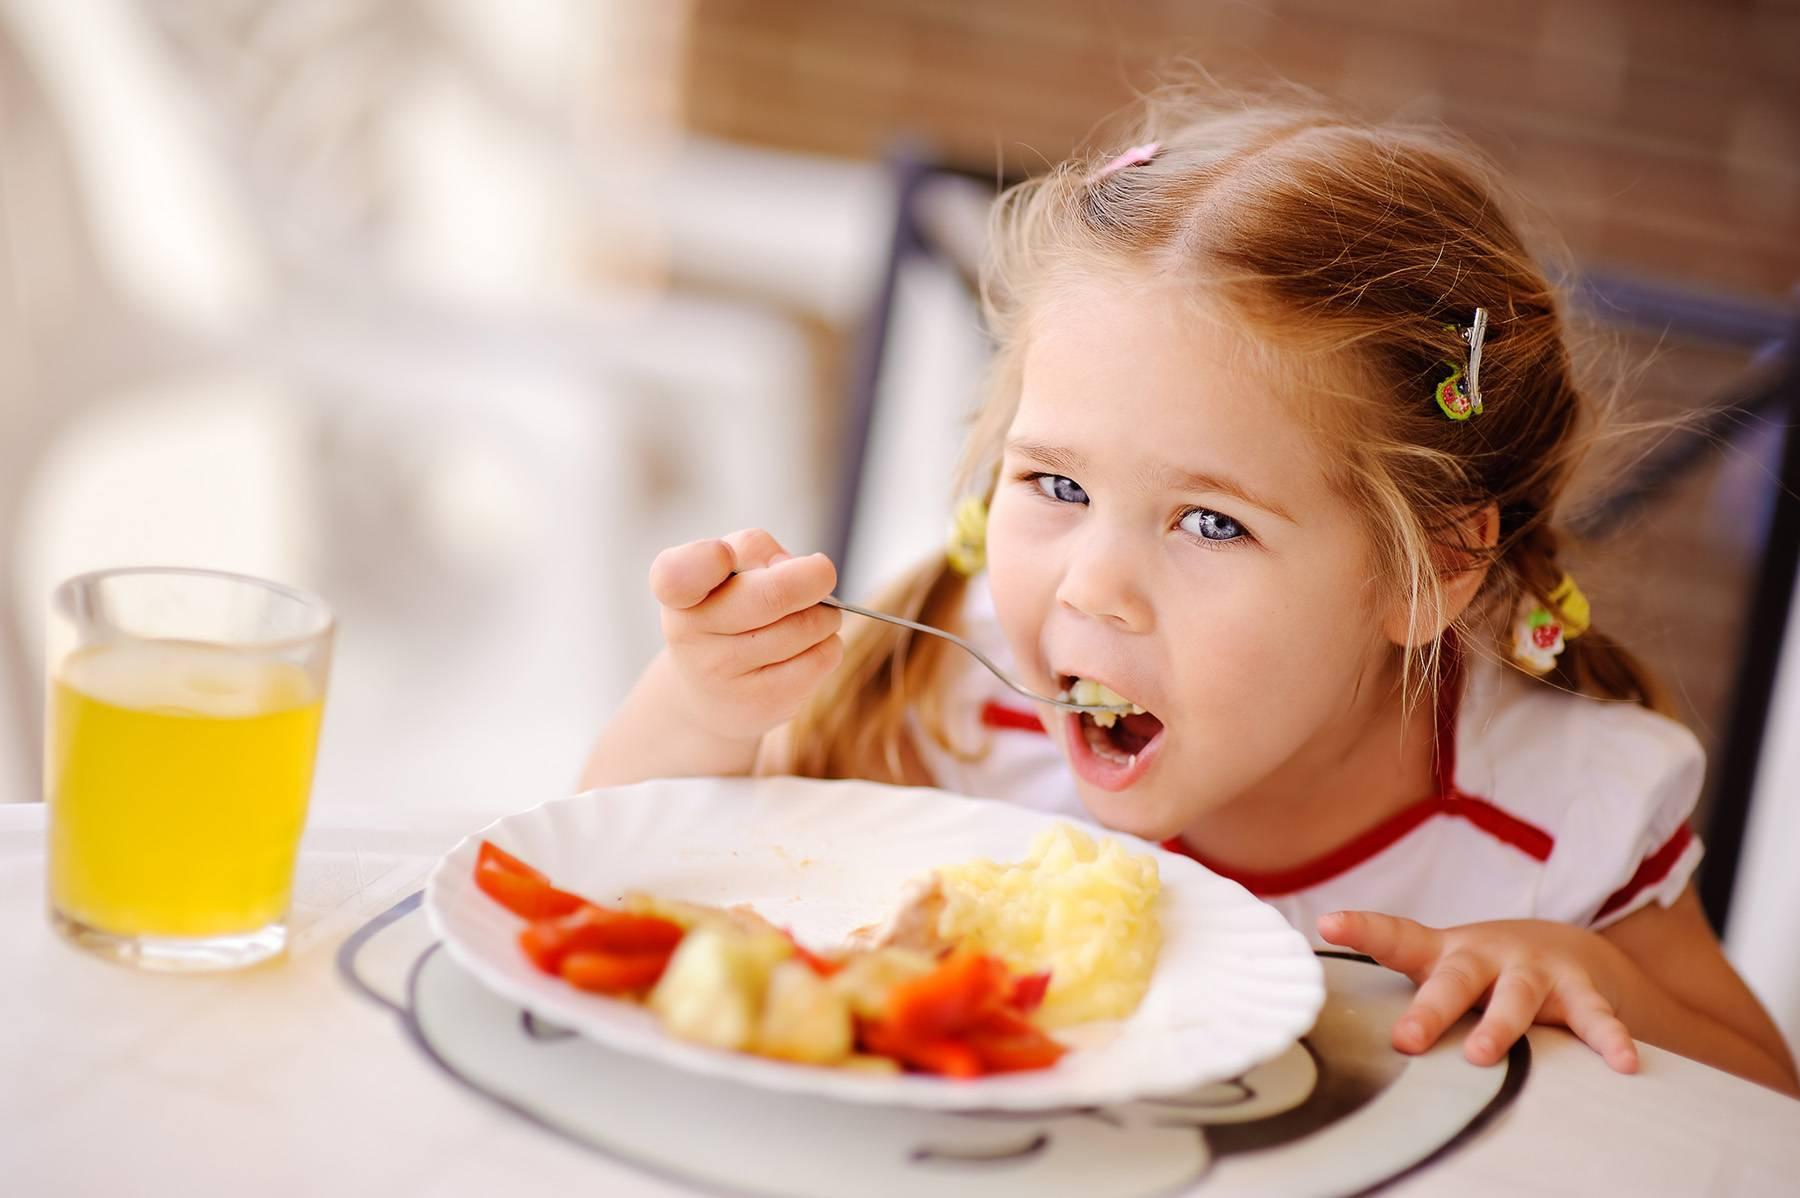 Ребенок плохо ест: что делать, чтобы «спасти» детский аппетит. сколько должен есть ребенок